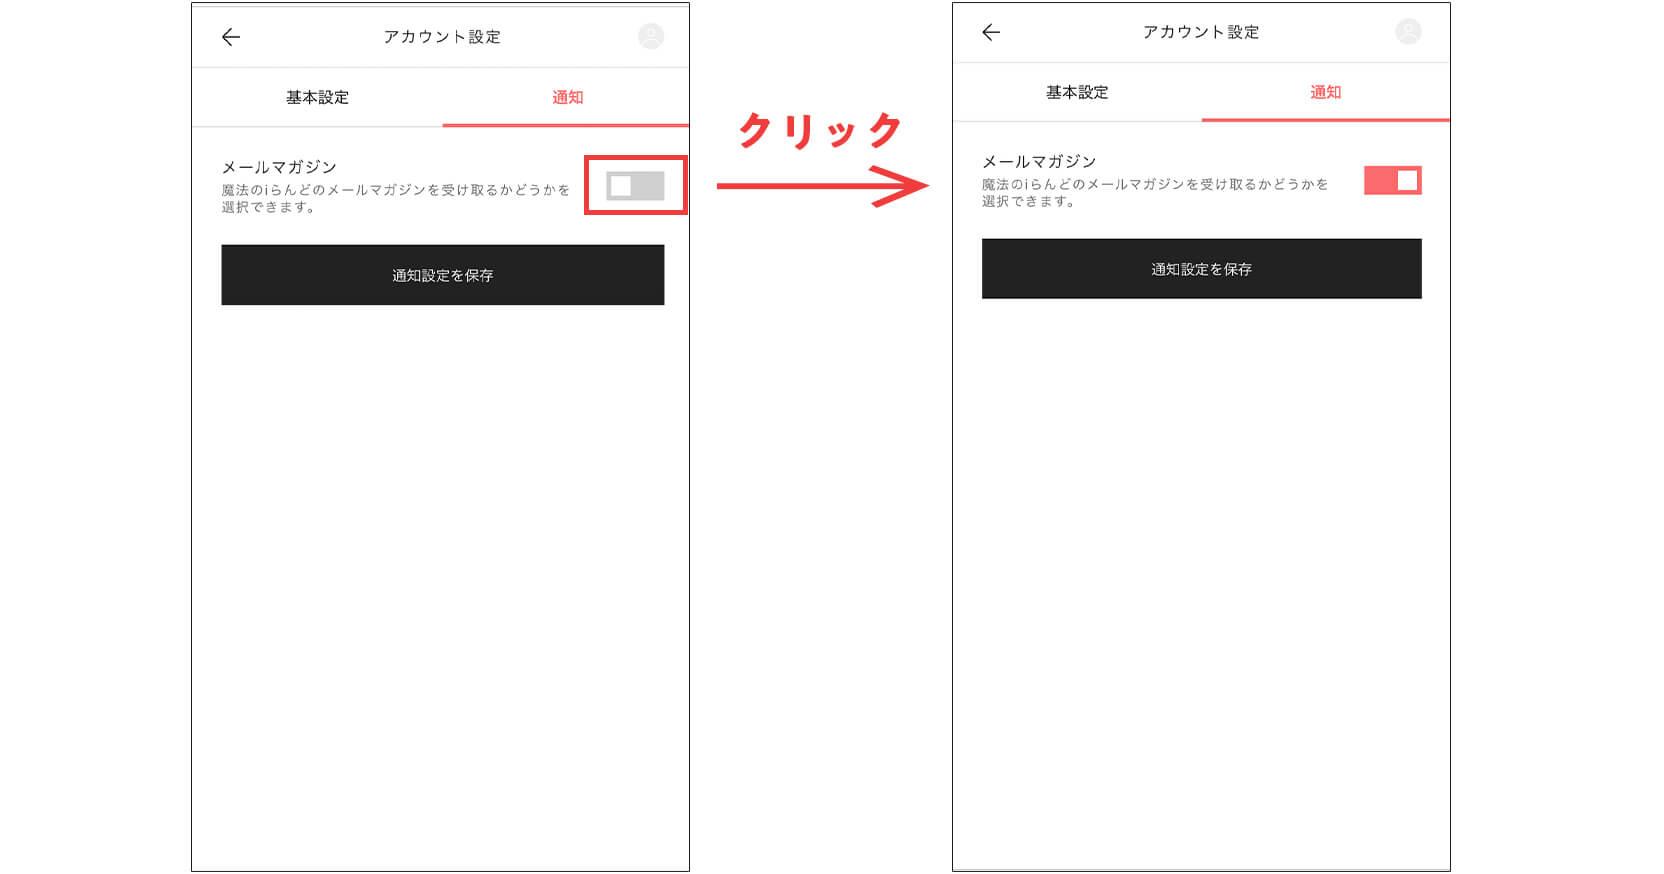 https://storage.googleapis.com/blog-info/entry/2020/06/mm_setting.jpg